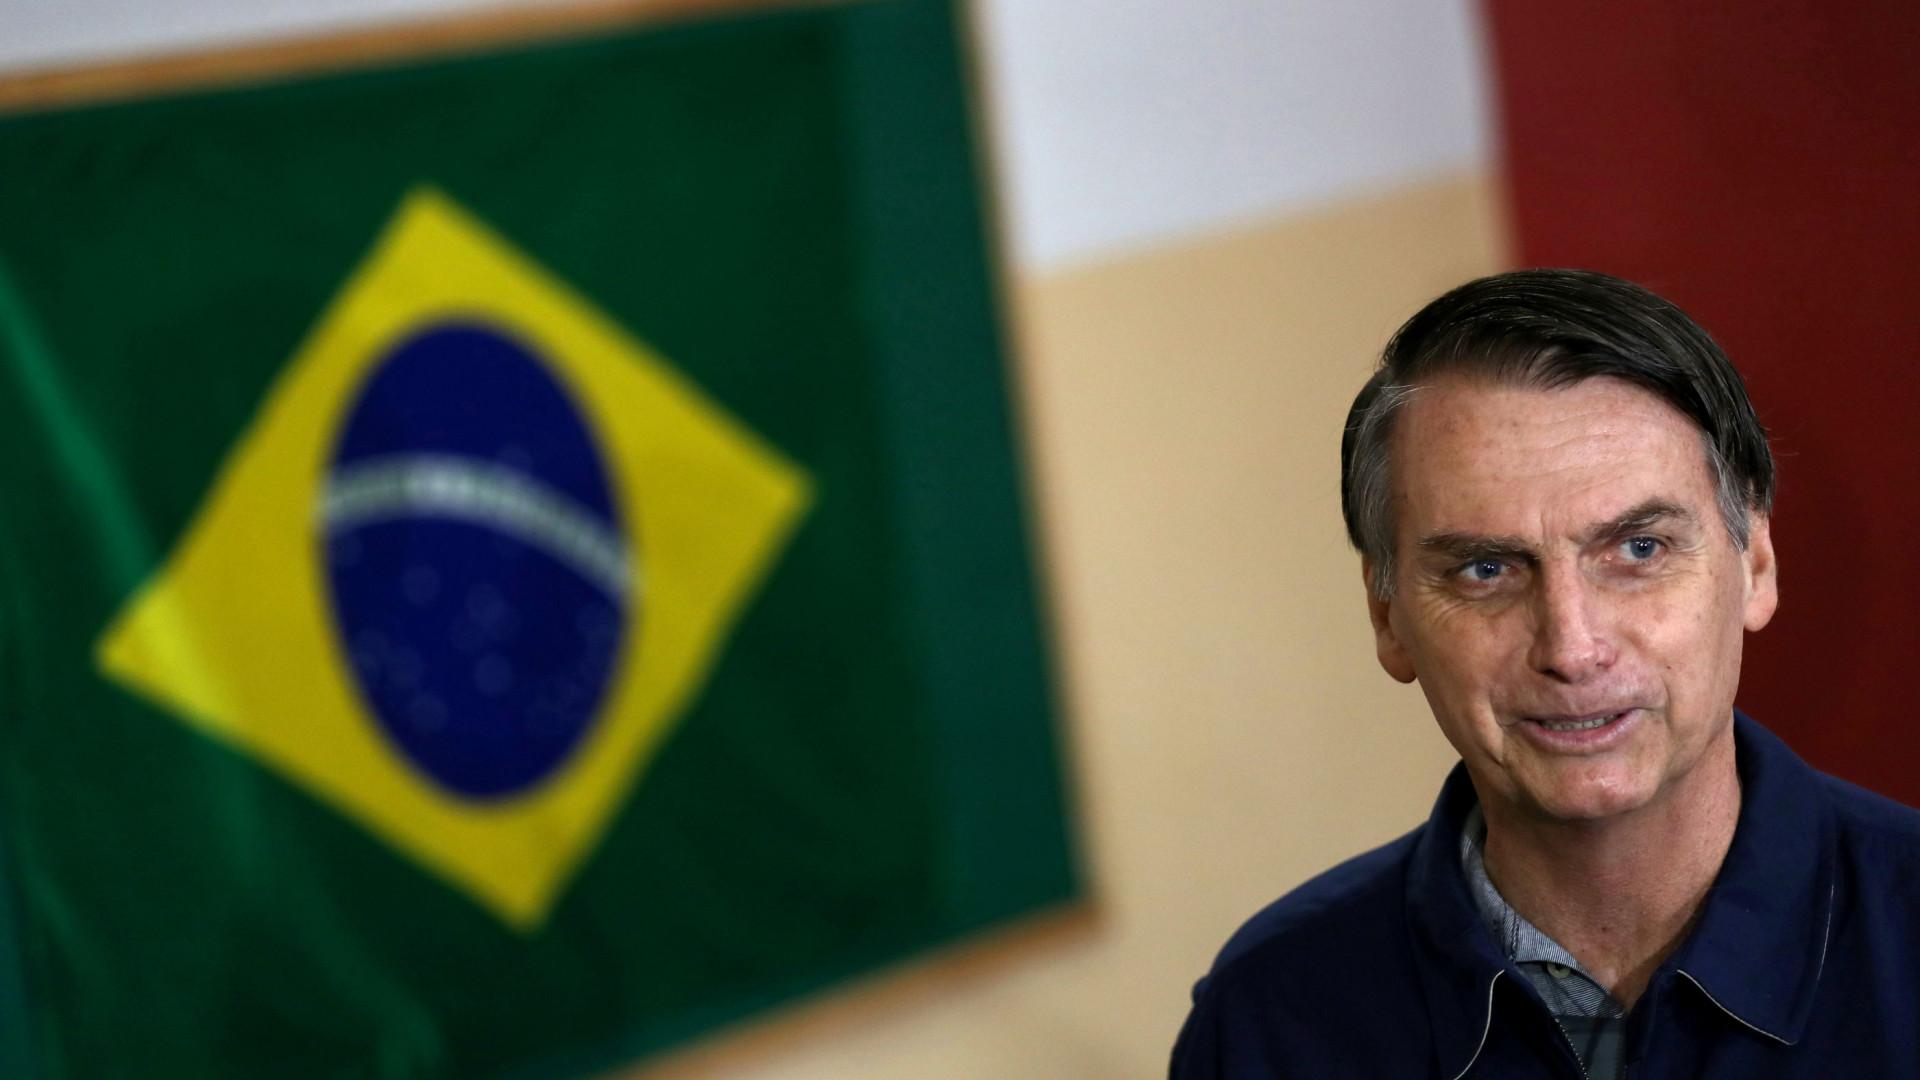 Polícia realiza operação para investigar ameaça de morte contra Bolsonaro